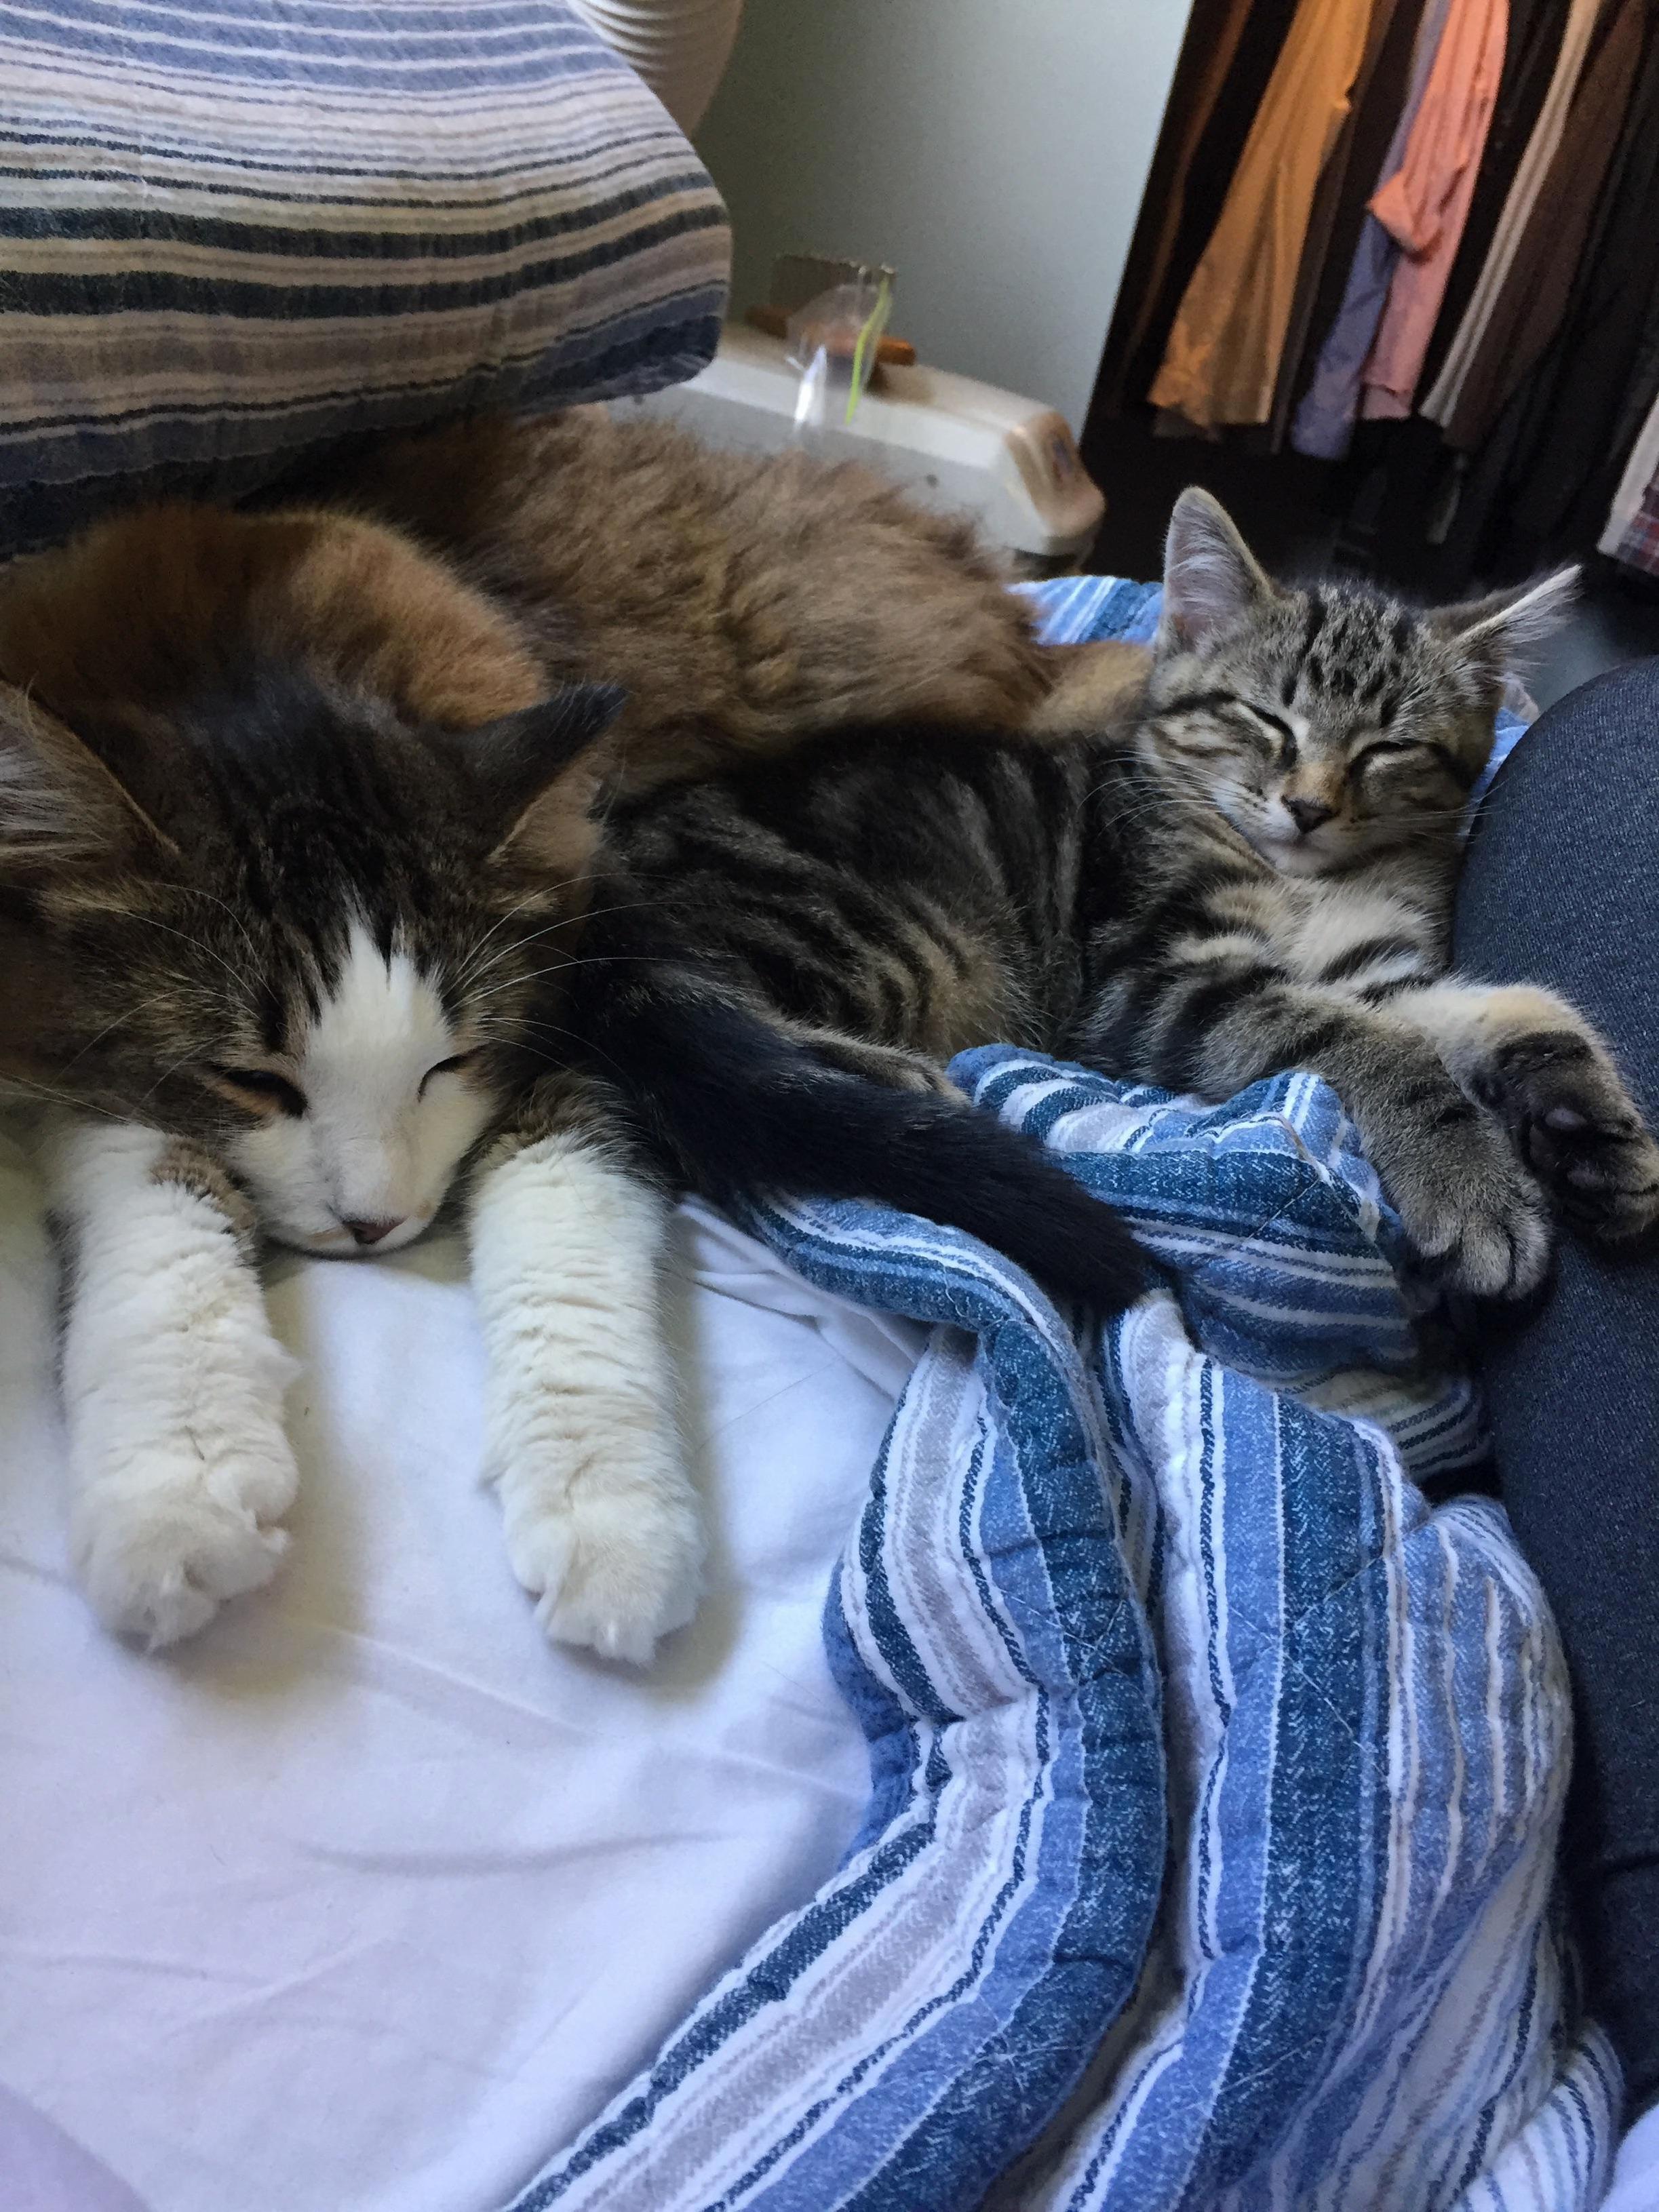 Pippin loves his big sister kona